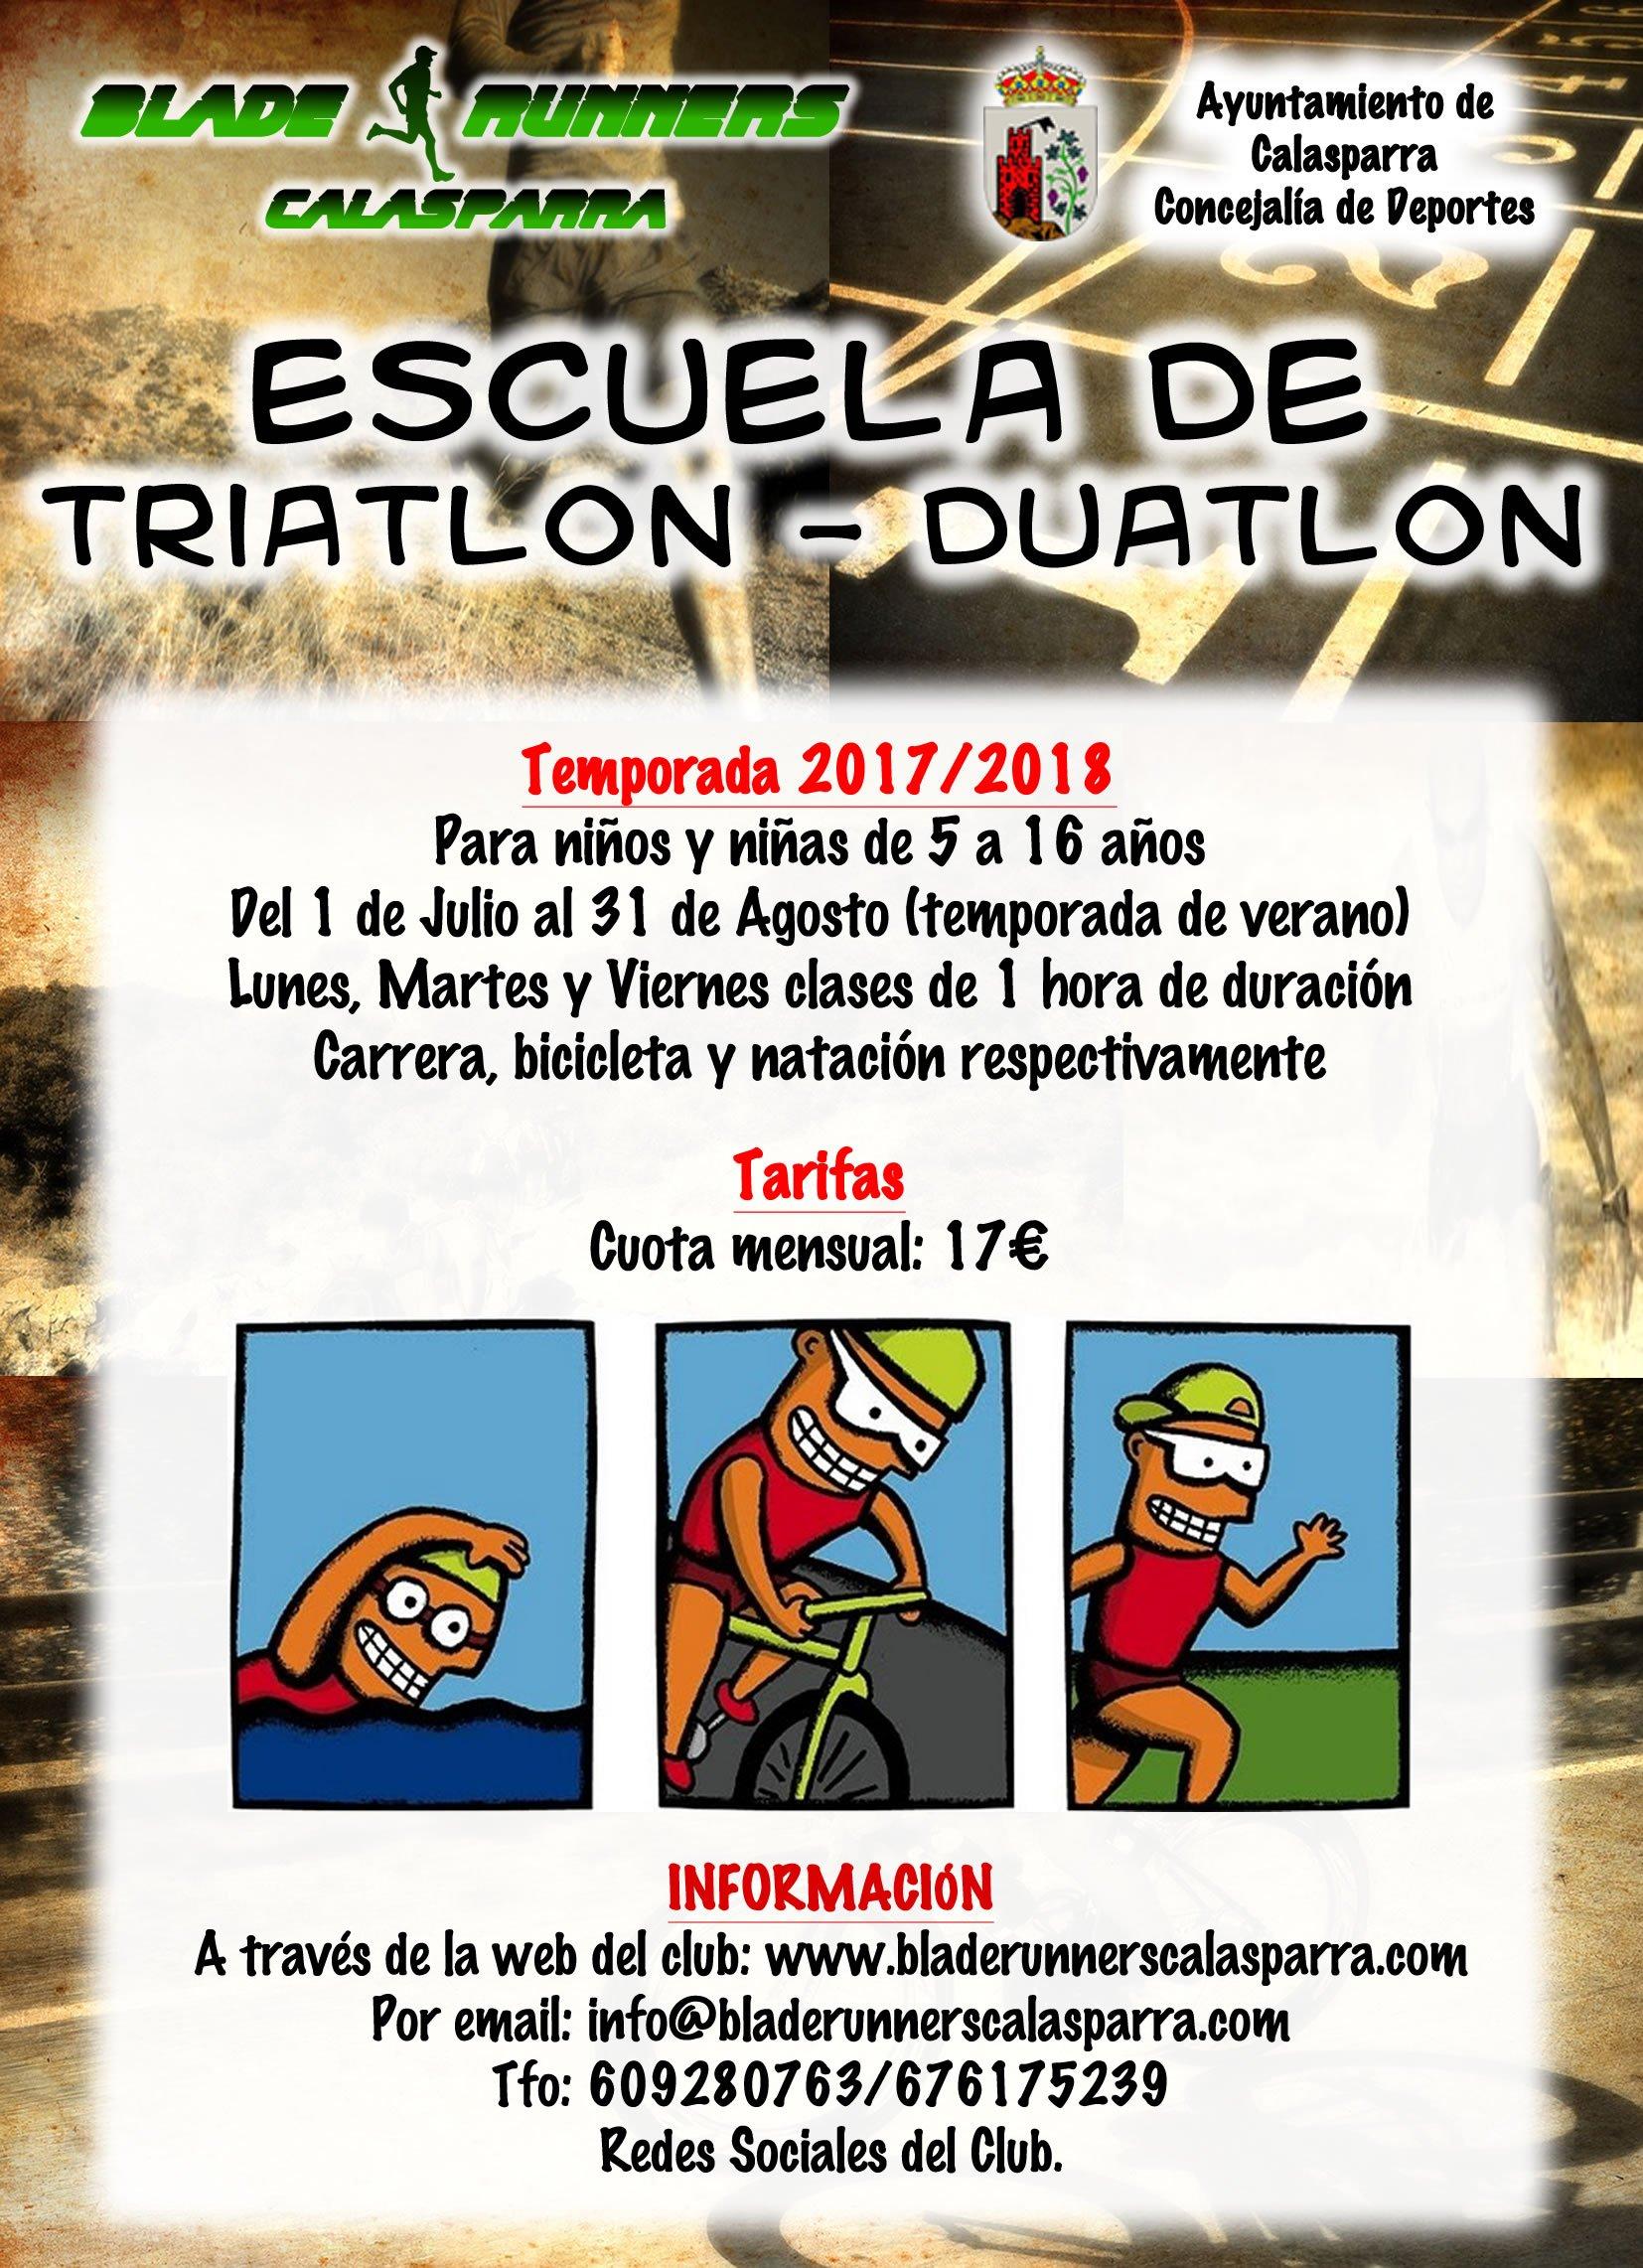 Escuela De Duatlón – Triatlón